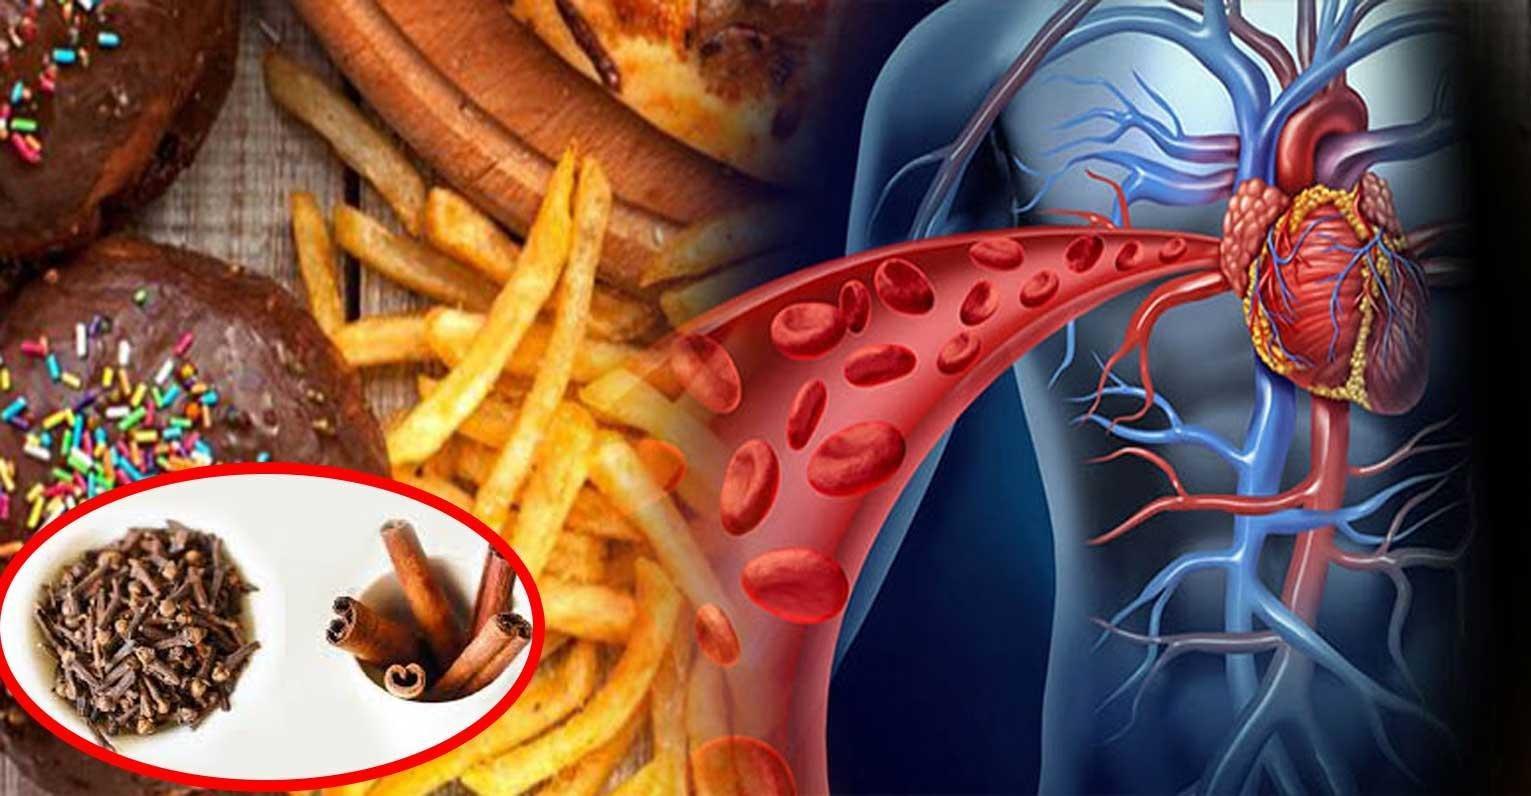 Combate La Diabetes, Triglicridos Y Azcar En La Sangre Con Canela Y Clavo De Olor